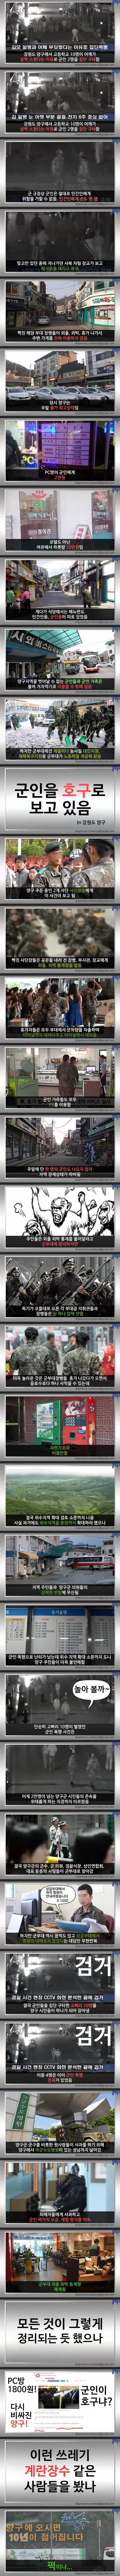 고삐리 10마리가 군인을 집단폭행한 대가..jpg | 인스티즈